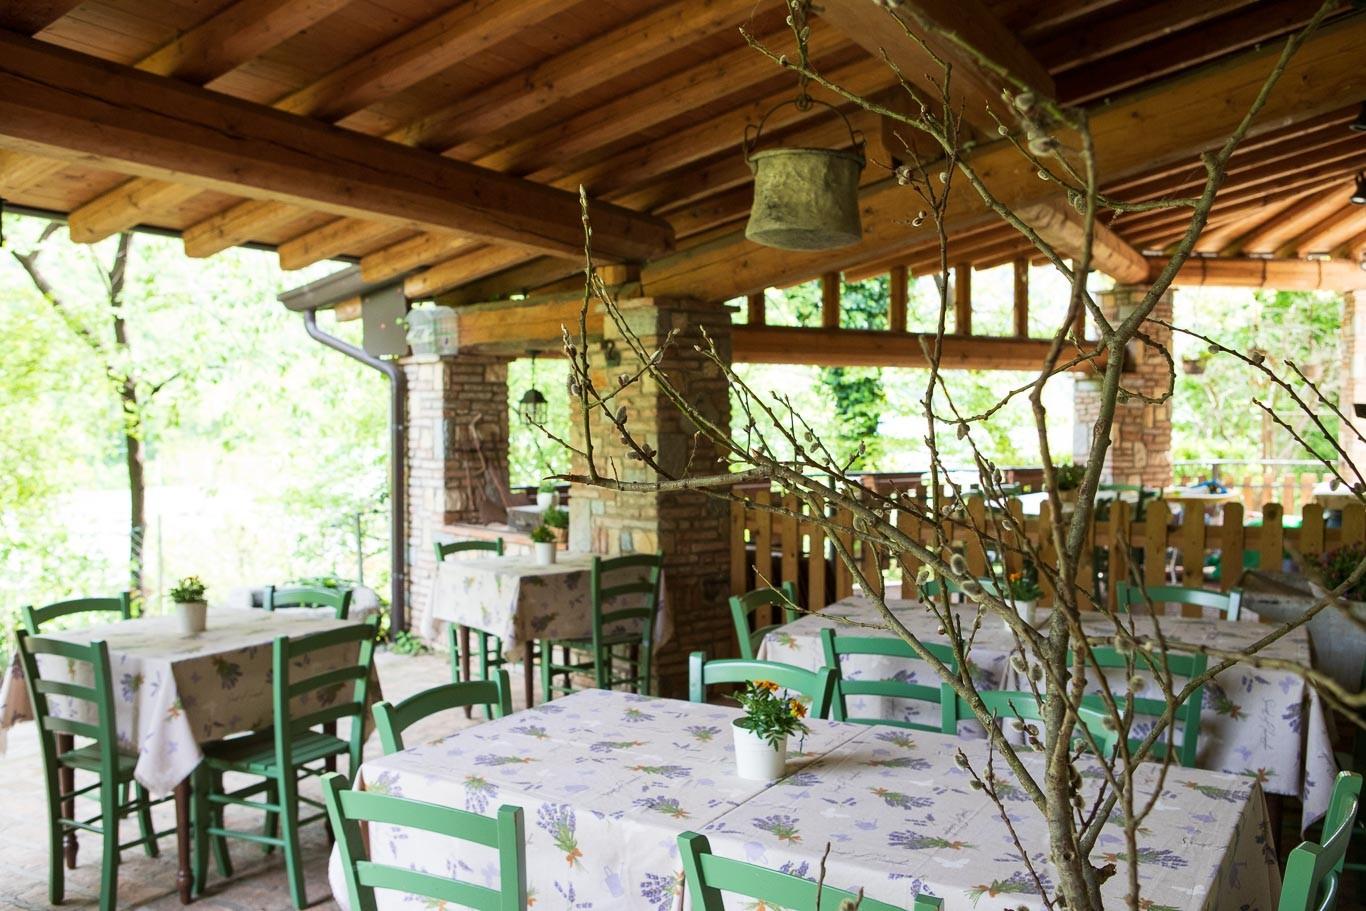 Il nostro ristorante biologico per i clienti dell'agriturismo. Azienda agricola biologica BIOBIO'.